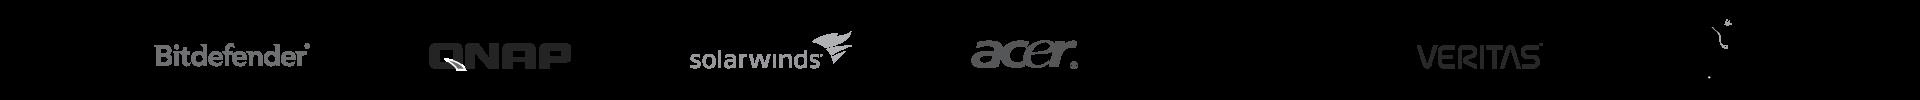 logos-new-4-(2019).png